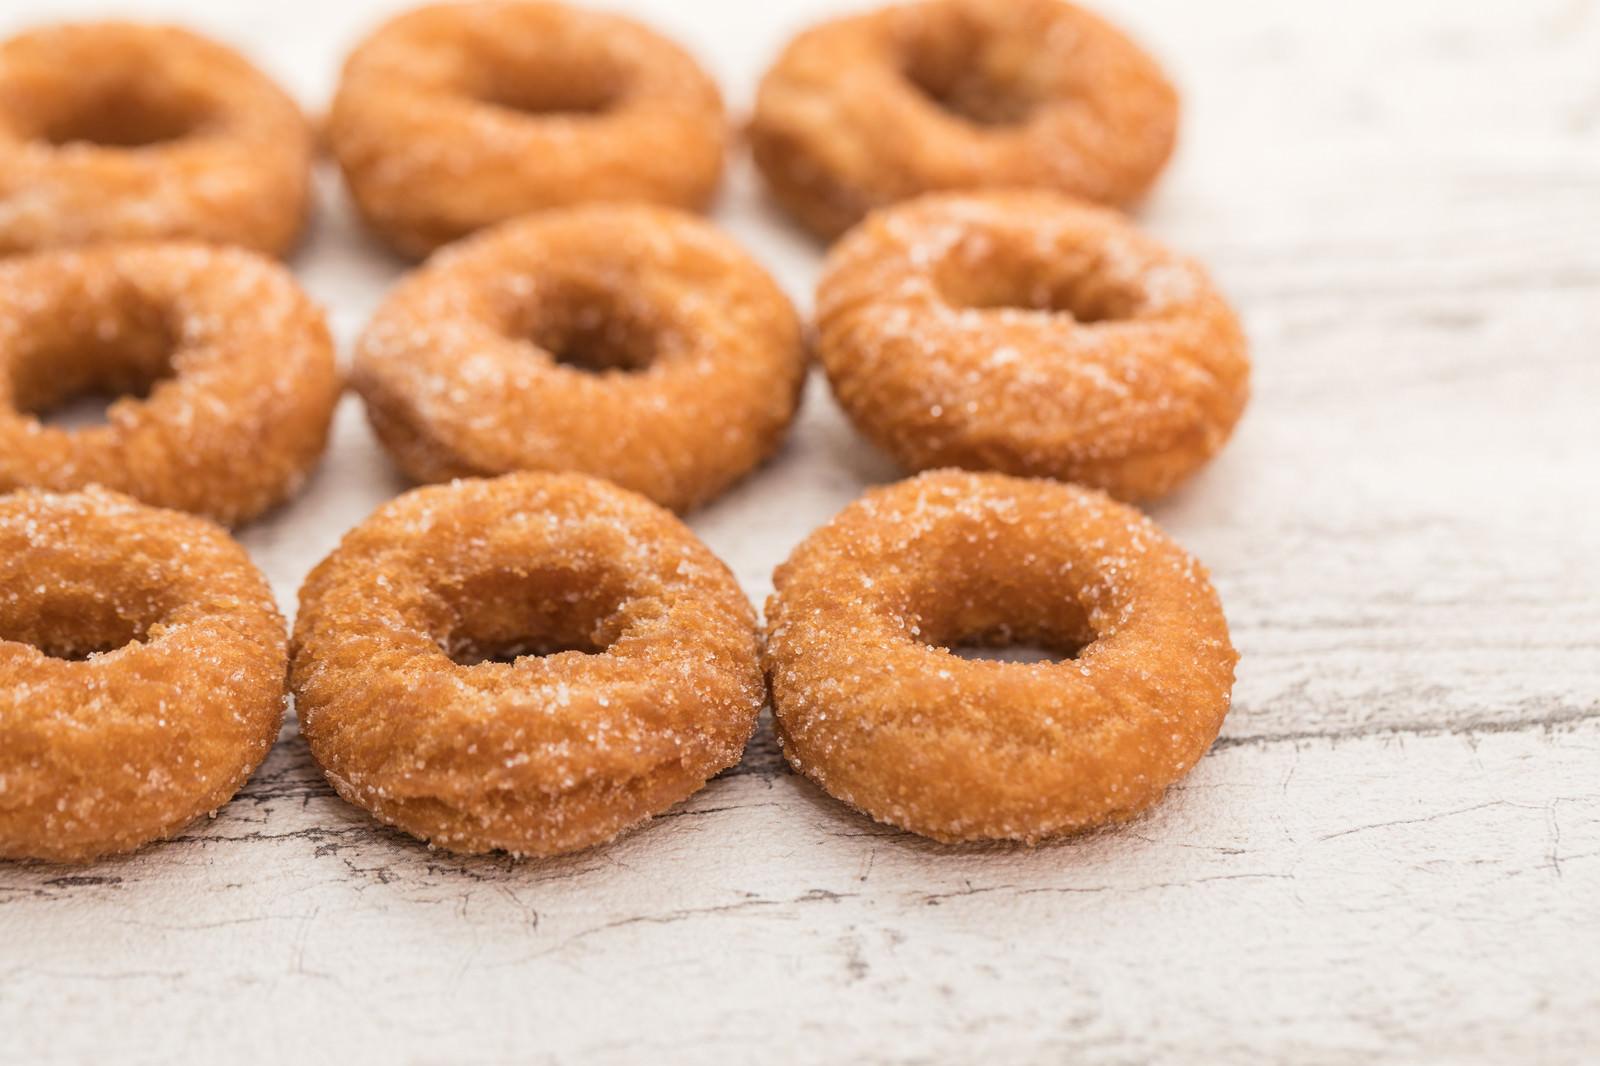 「砂糖のついたお菓子ドーナツ」の写真